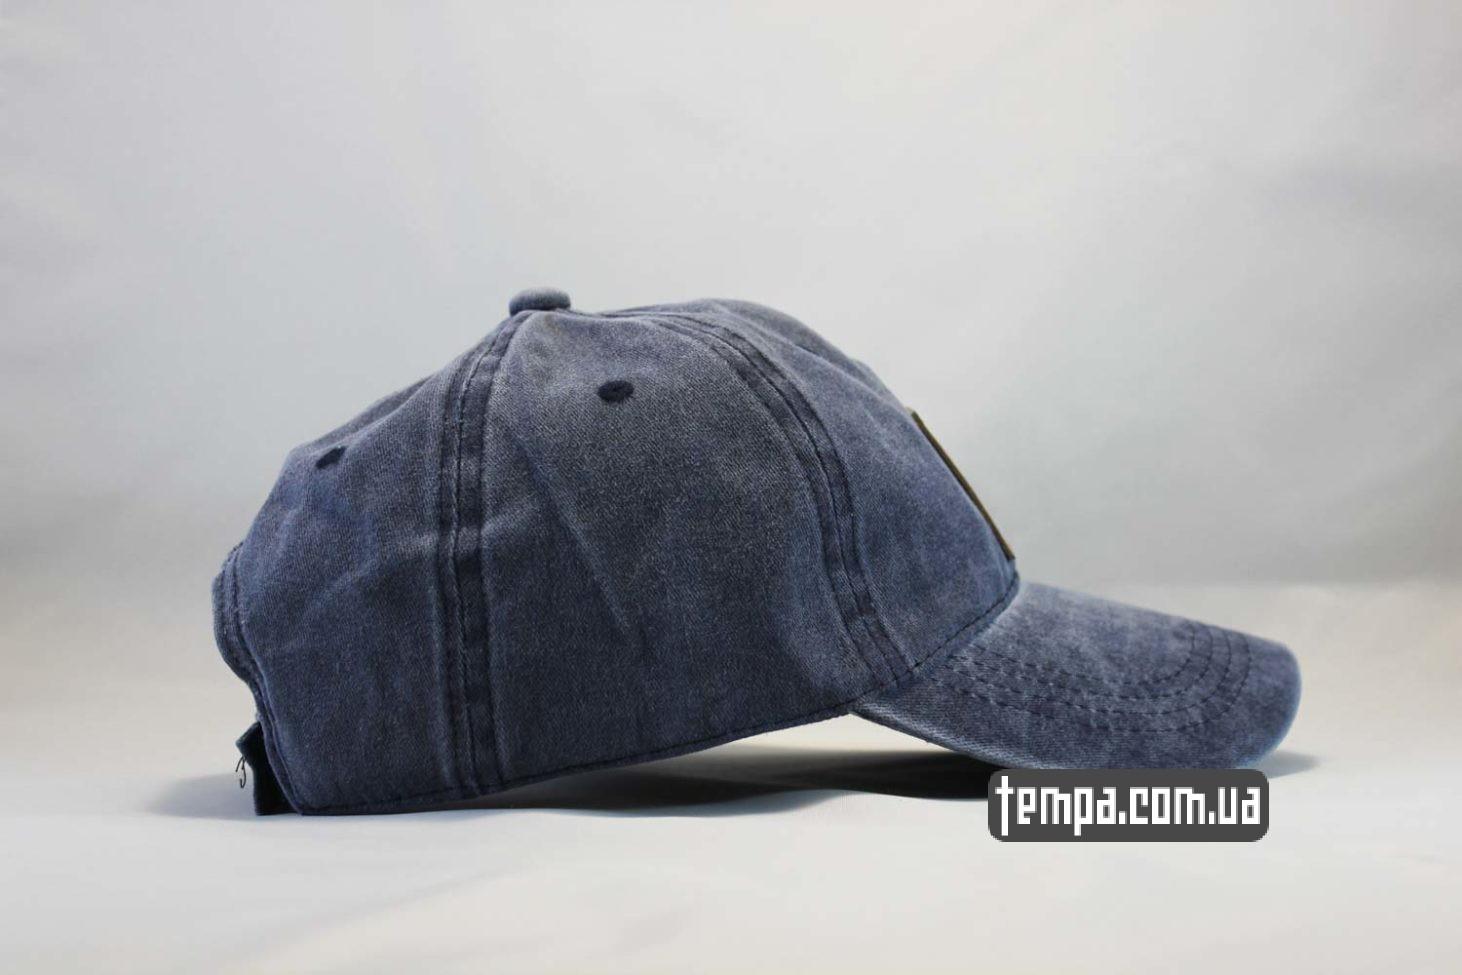 кархарт украина кепка Carhartt бейсболка джинсовая синяя купить